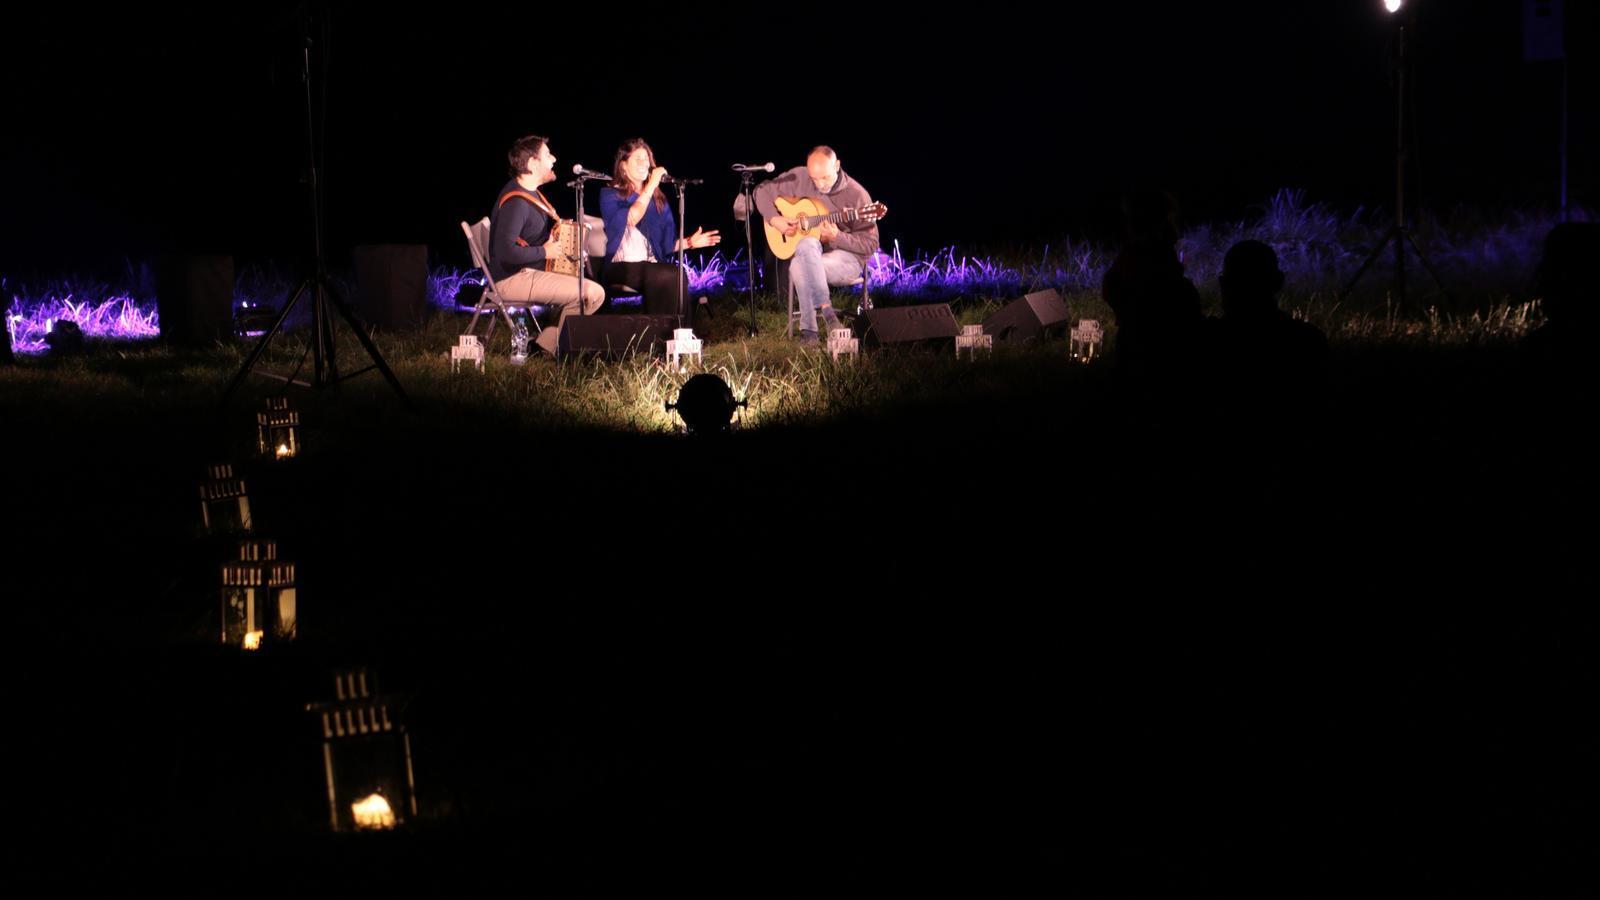 L'agrupació Odara Trio toca als peus del llac d'Engolasters. / E.C. (ANA)